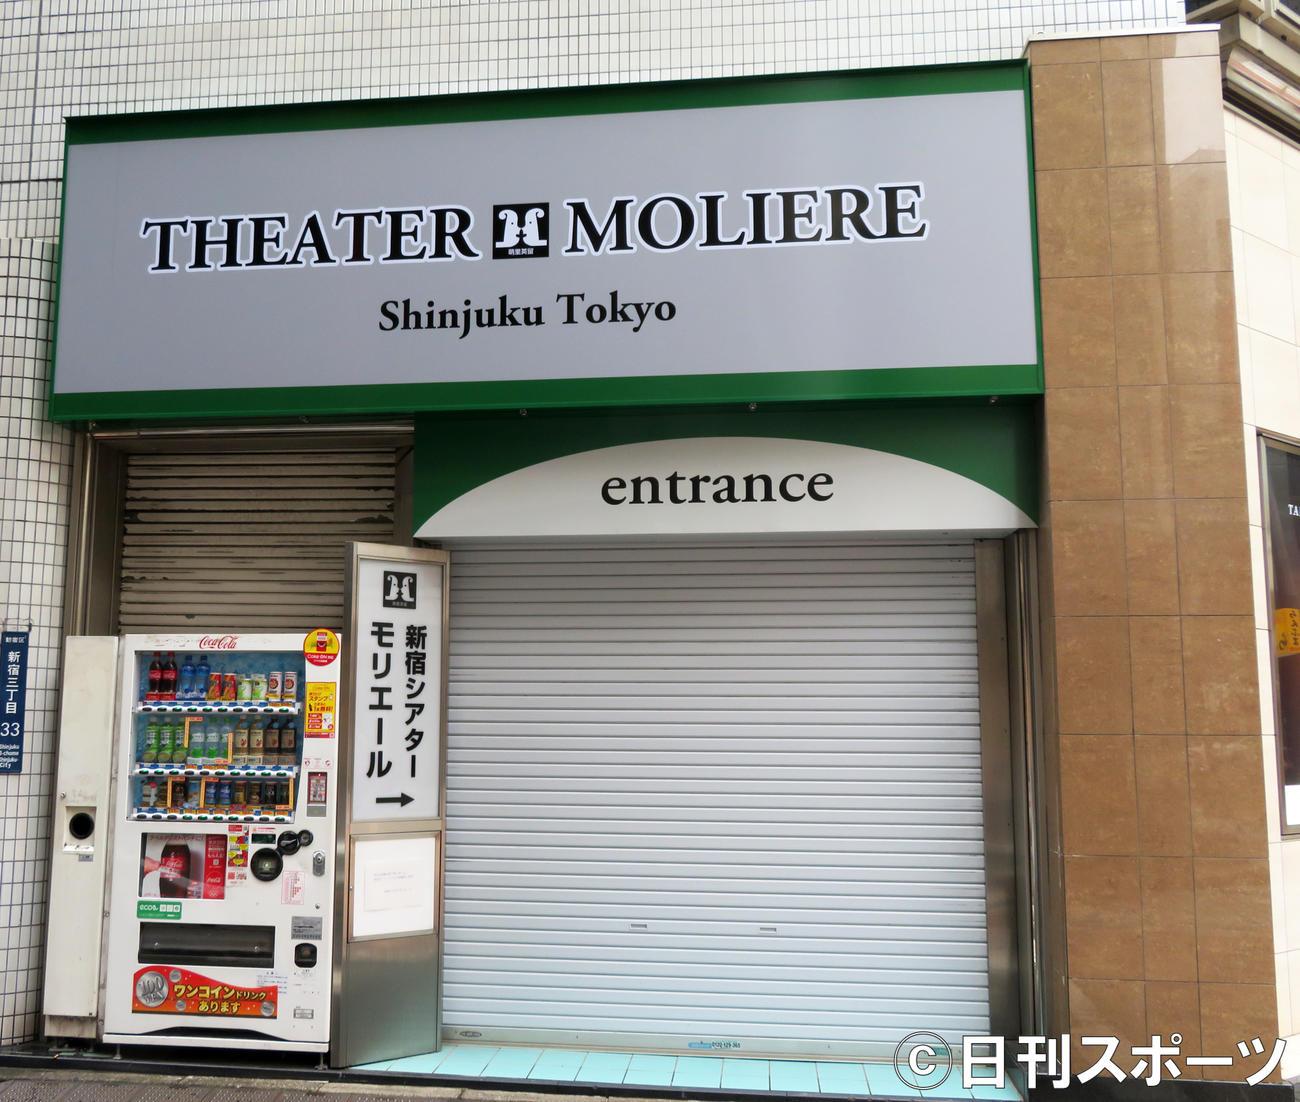 新型コロナウイルスのクラスターが発生した舞台「THE★JINRO」が上演された新宿シアターモリエール